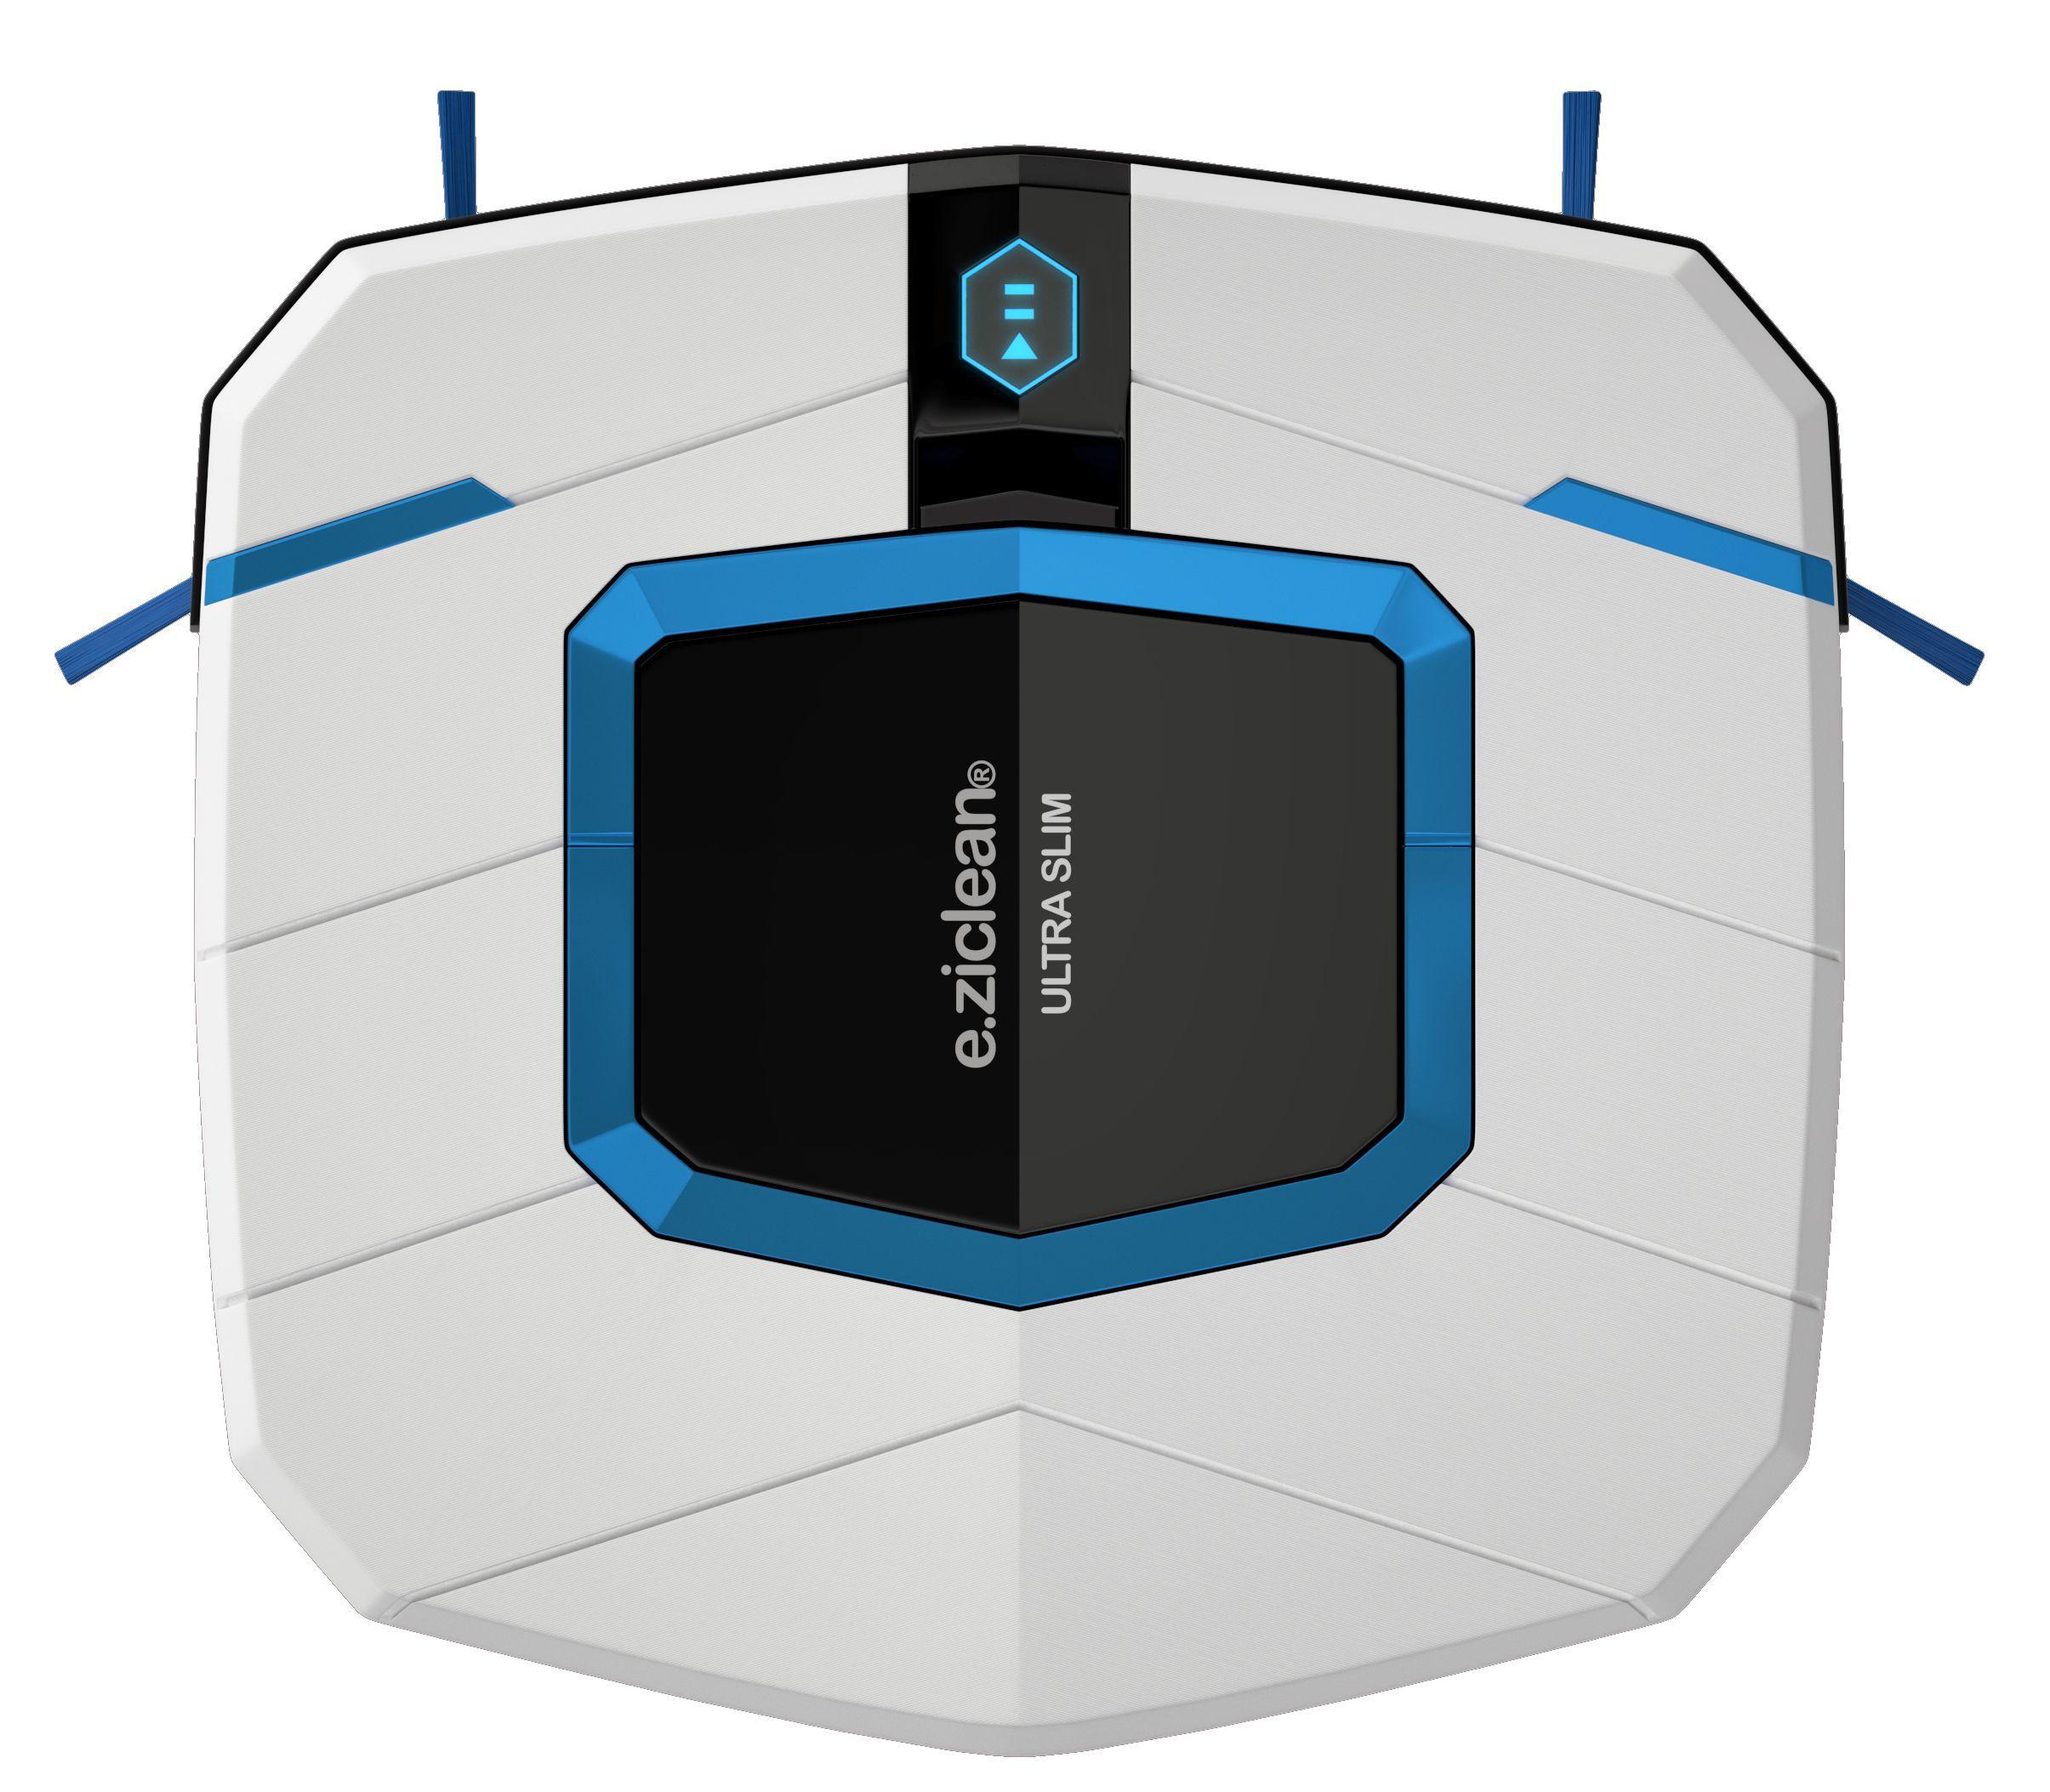 aspirateur robot ultra slim white v2 achat. Black Bedroom Furniture Sets. Home Design Ideas